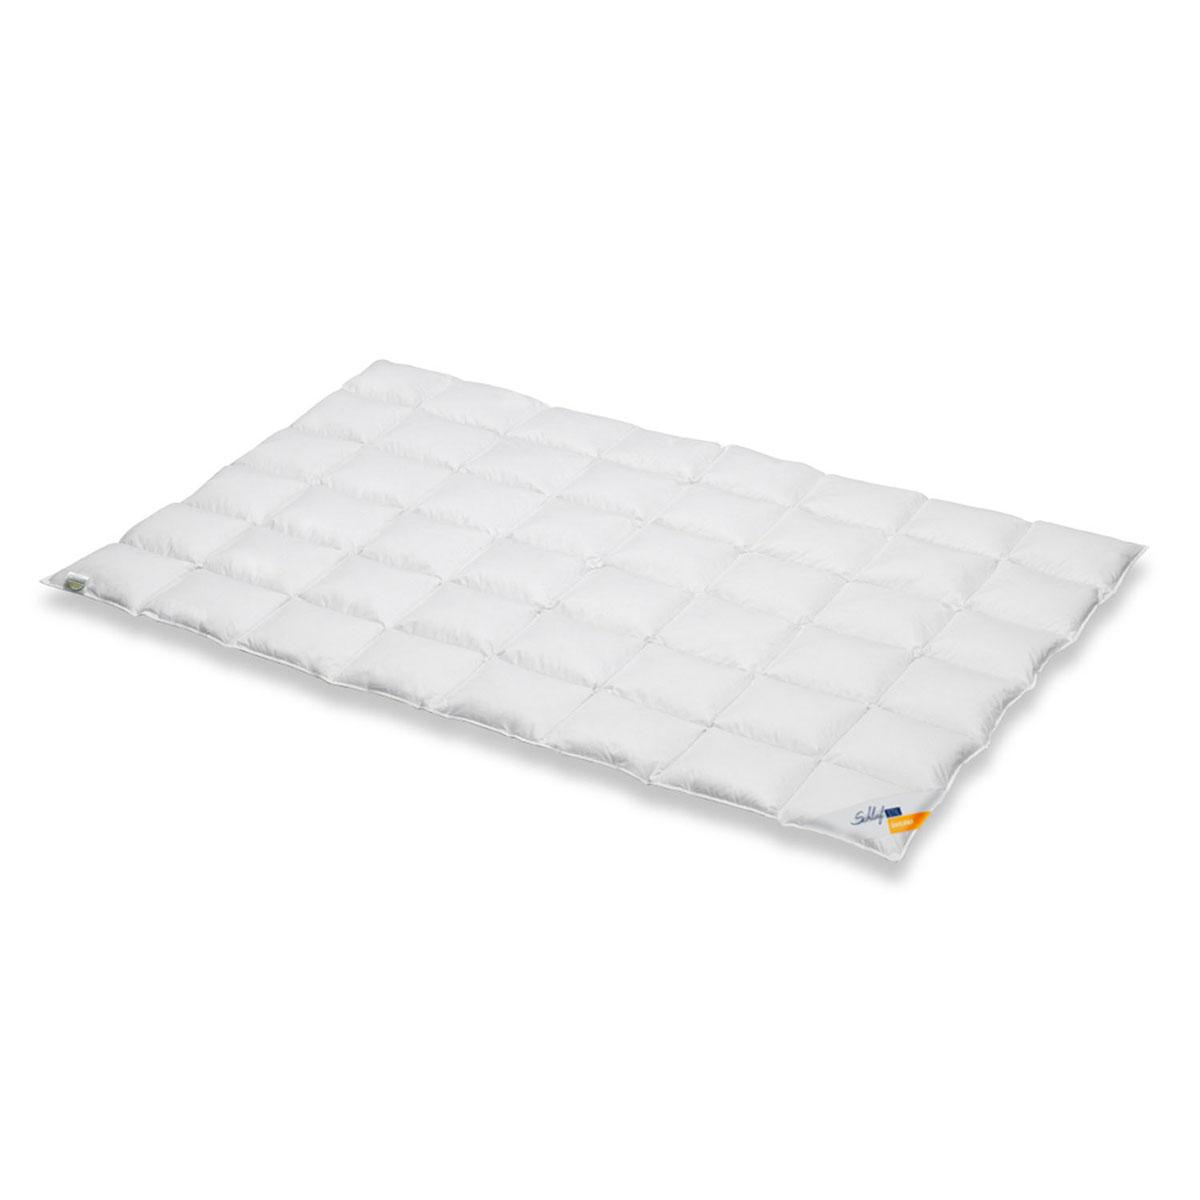 schlafstil bettdecke dahliana medium 100 daunen g nstig online kaufen bei bettwaren shop. Black Bedroom Furniture Sets. Home Design Ideas